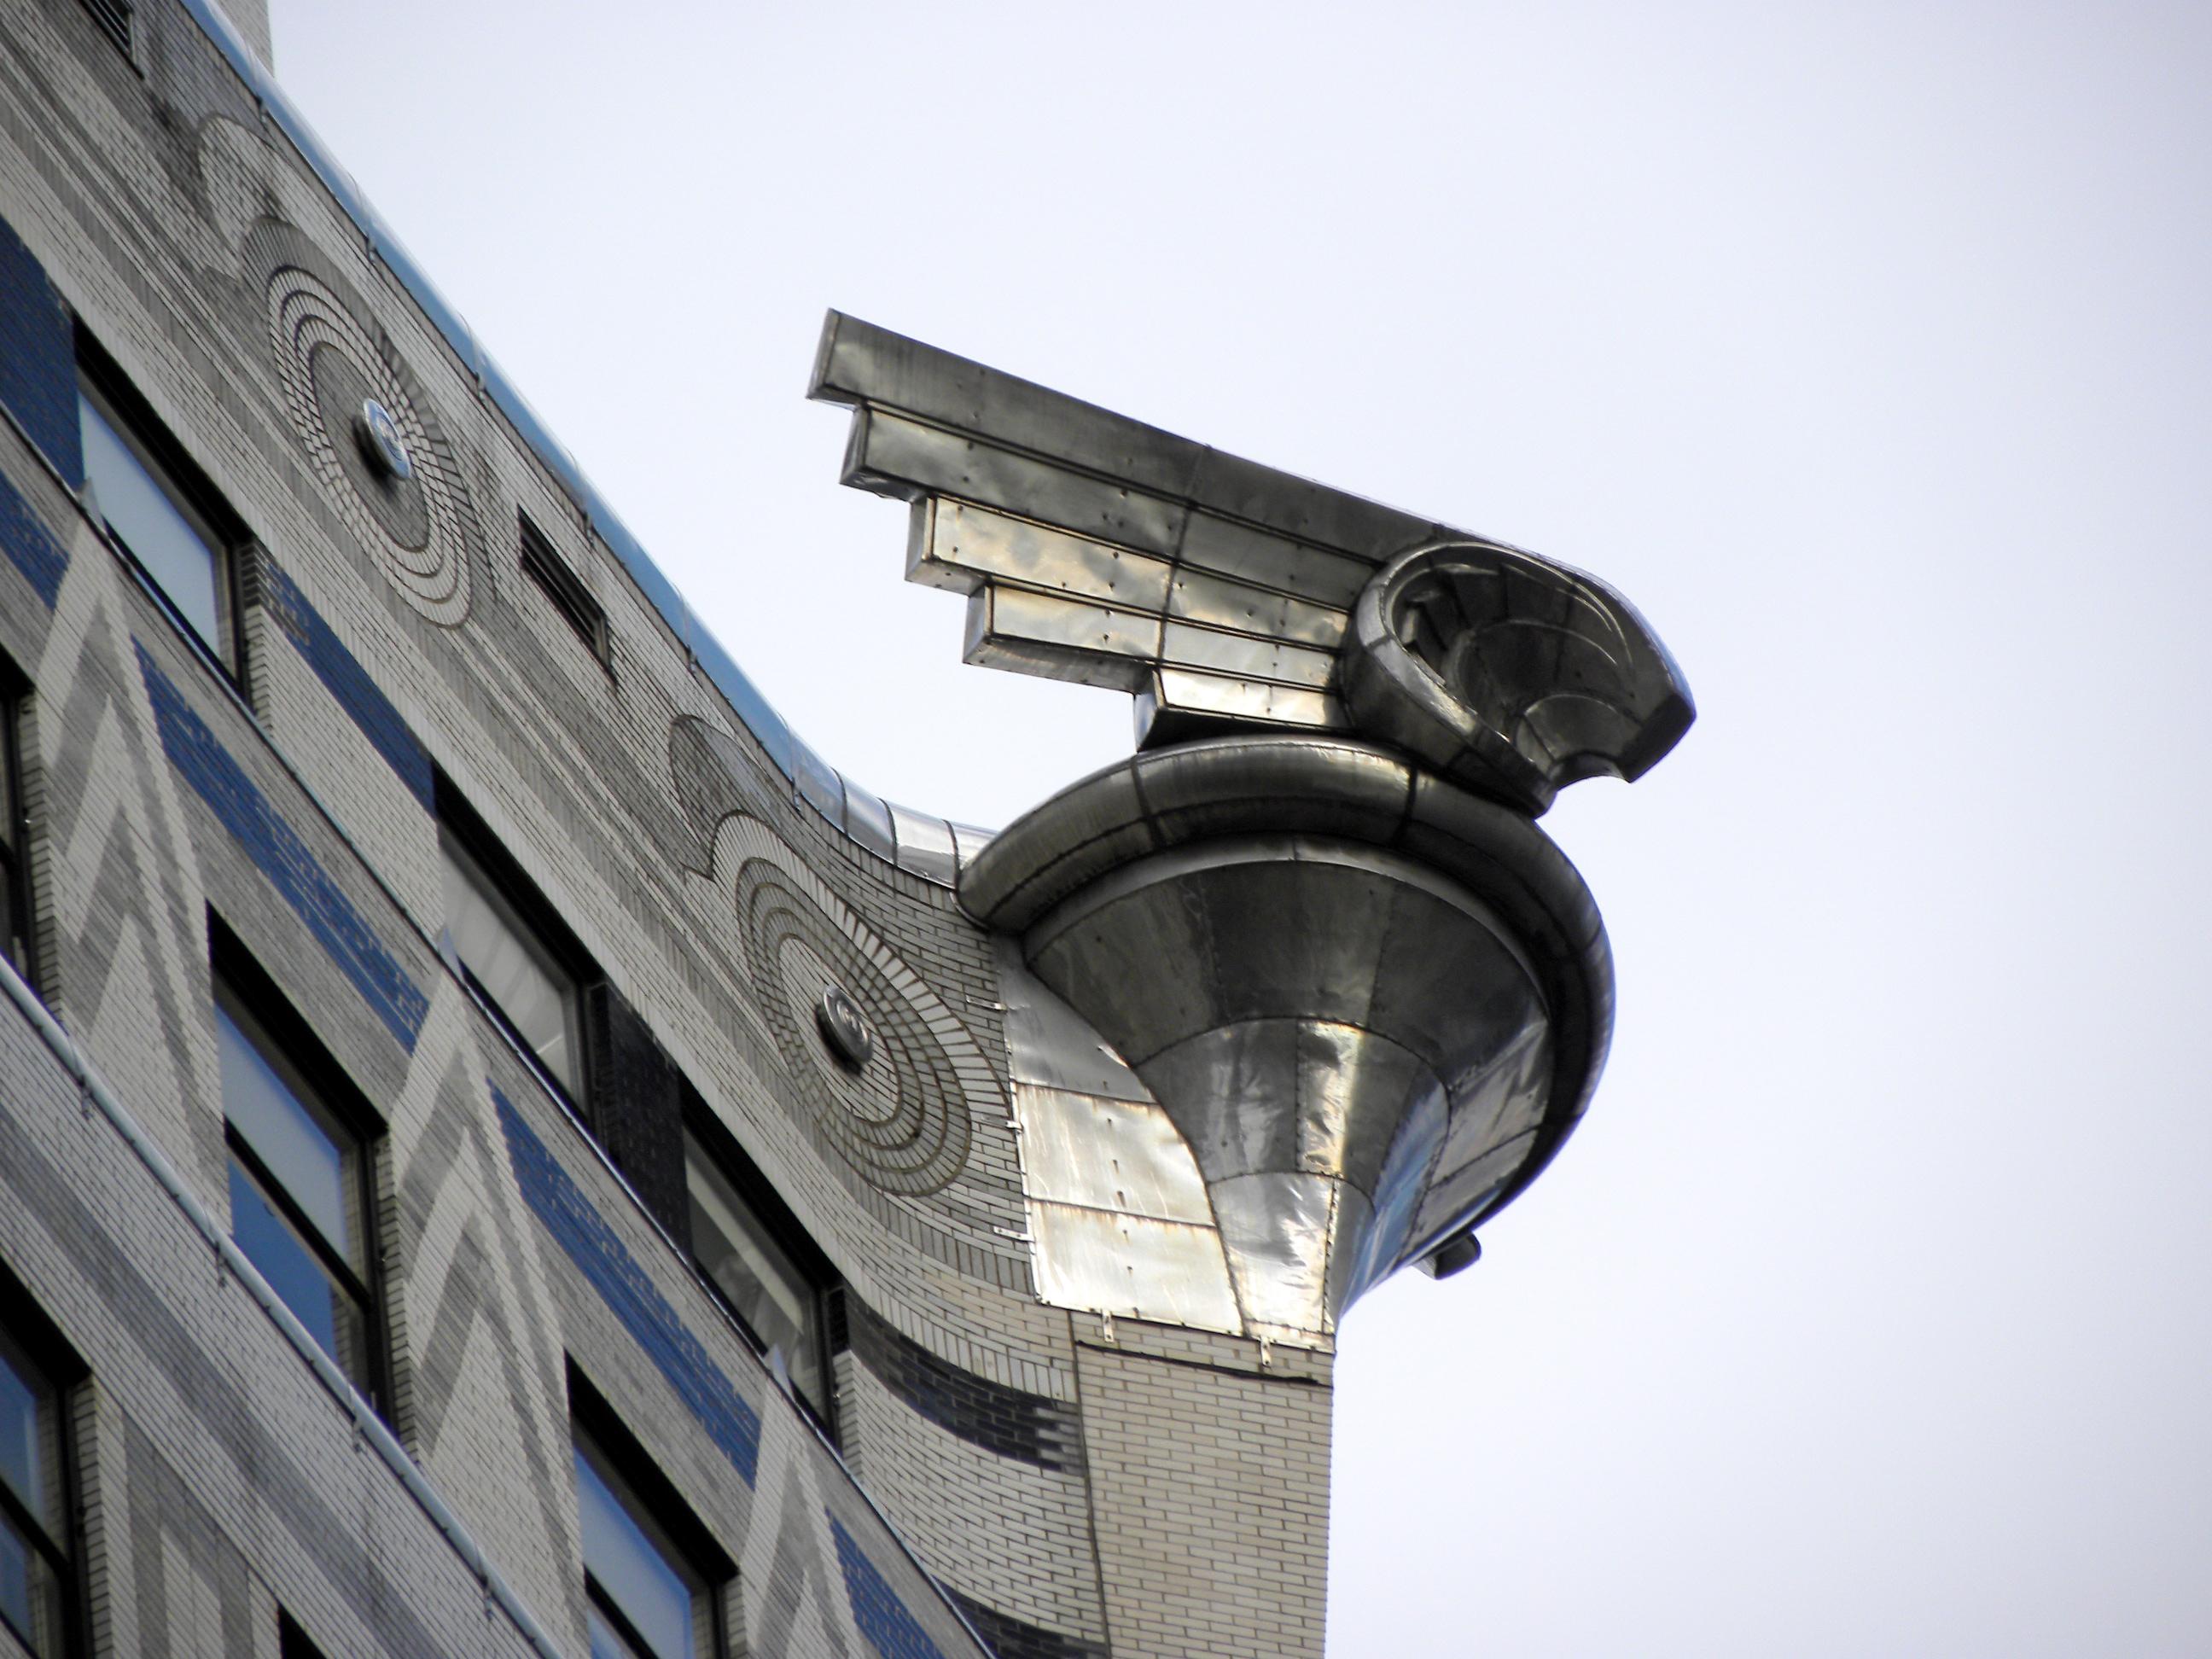 Chrysler Building Wikipedia: File:Chrysler Building Detail.jpg